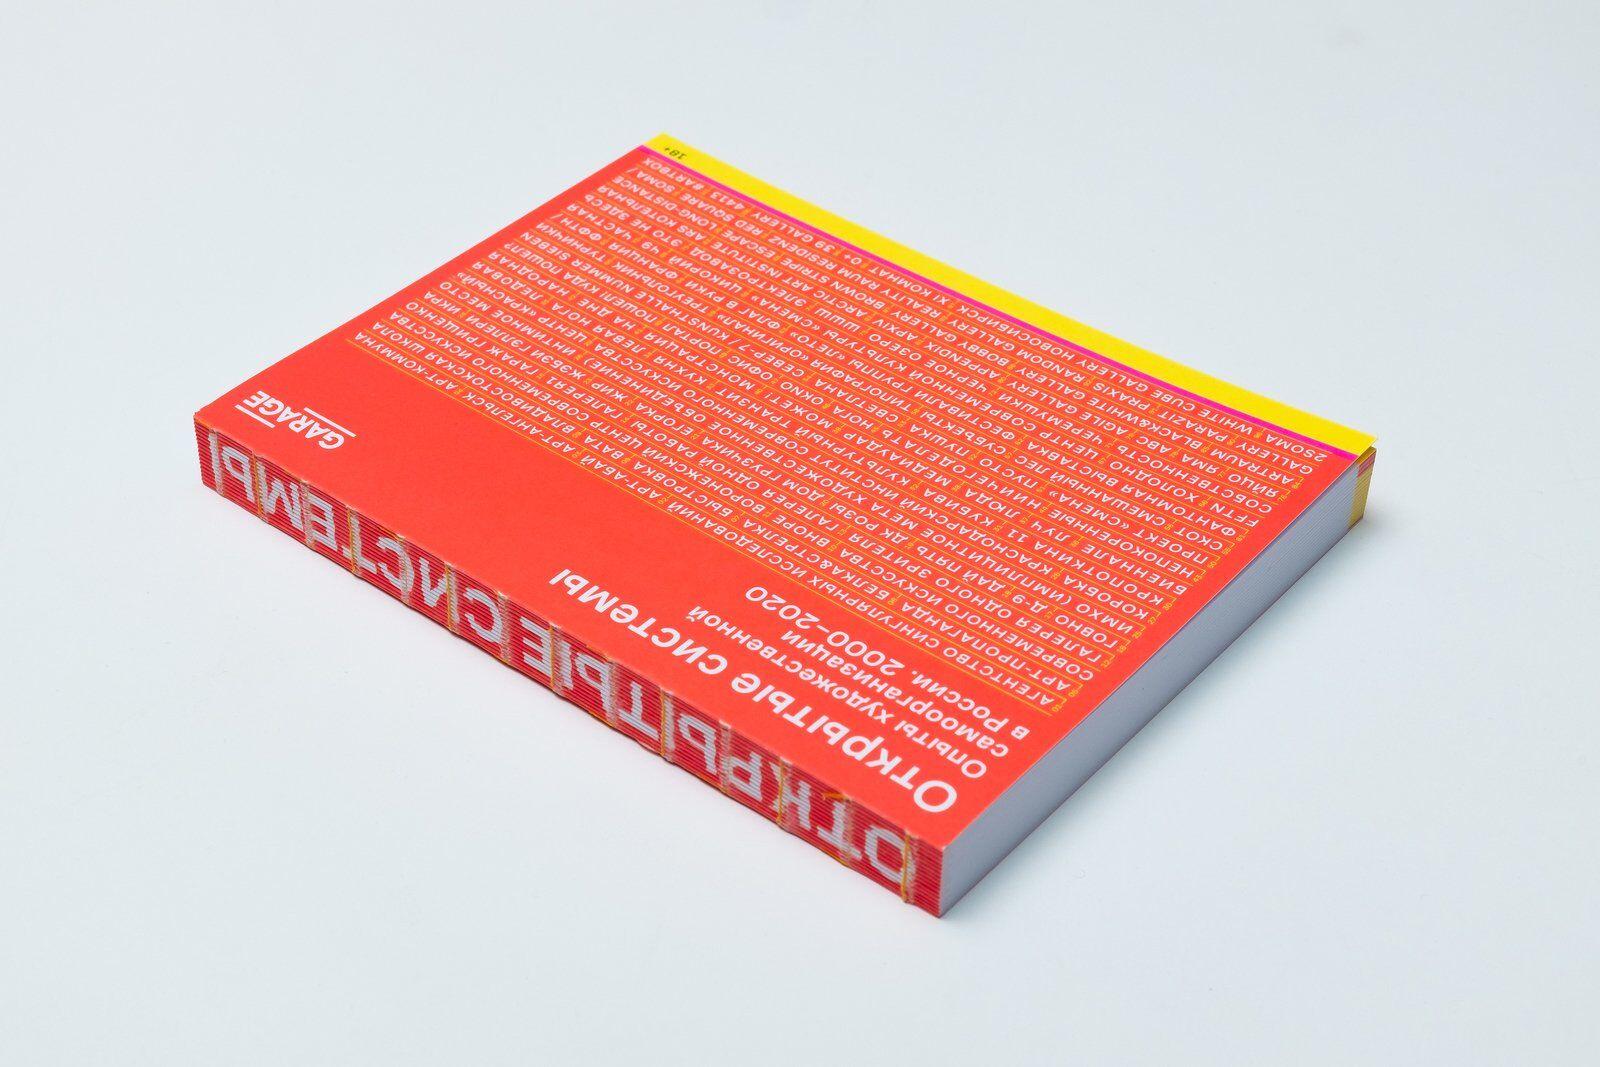 Рецензия на книгу: Трубицына AЮ (ред.-сост.) (2020) Открытые системы. Опыты художественной самоорганизации в России. 2000–2020